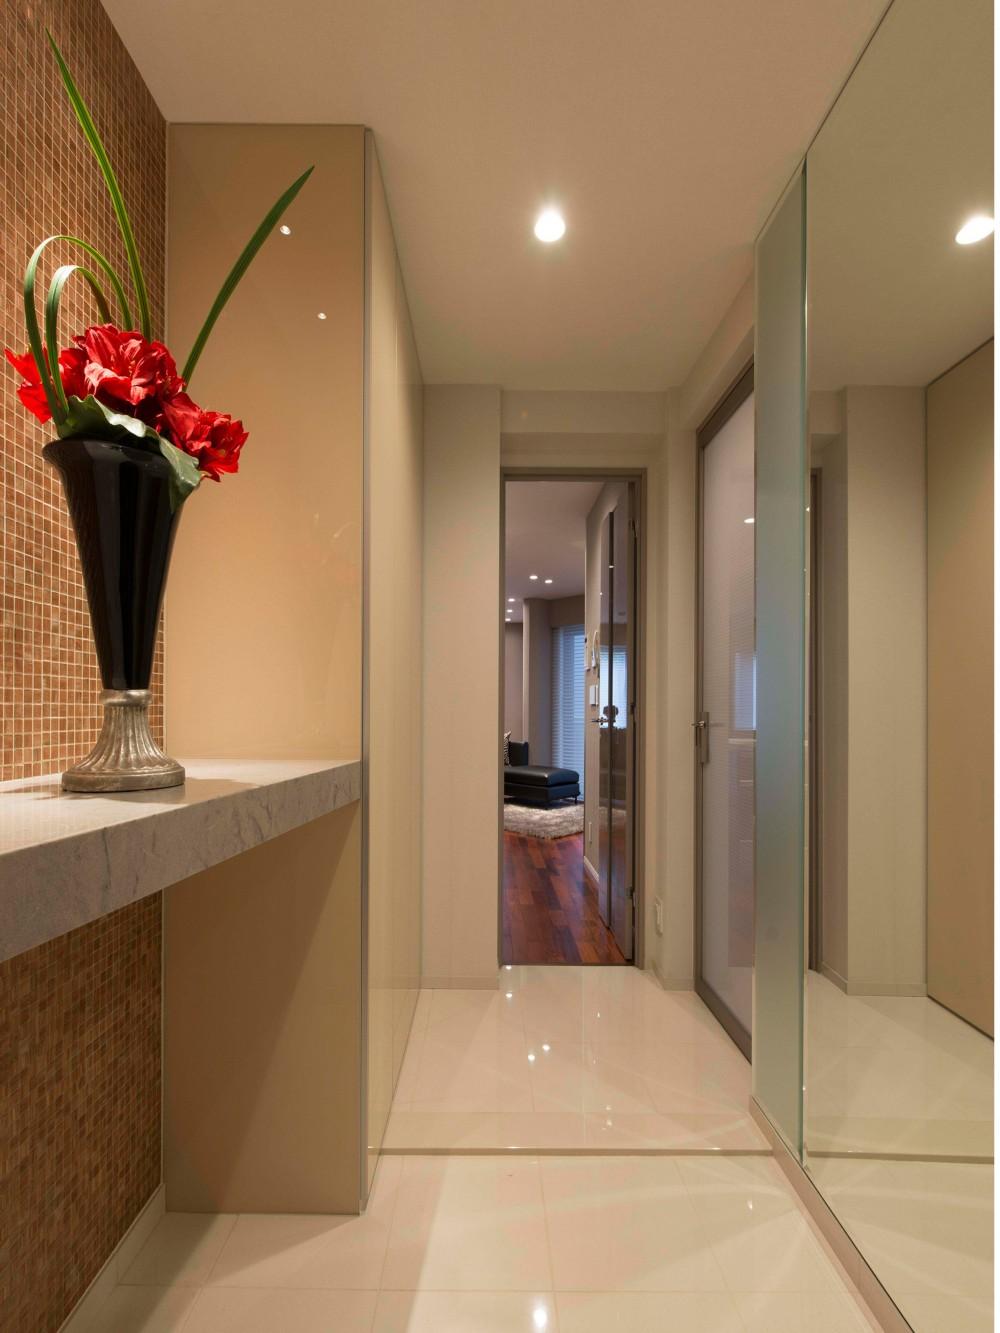 青山のマンション~都心のマンションを一新!夫婦2人の夢の暮らしを実現するプレミアム・デザイナーズ リノベーション~ (玄関)